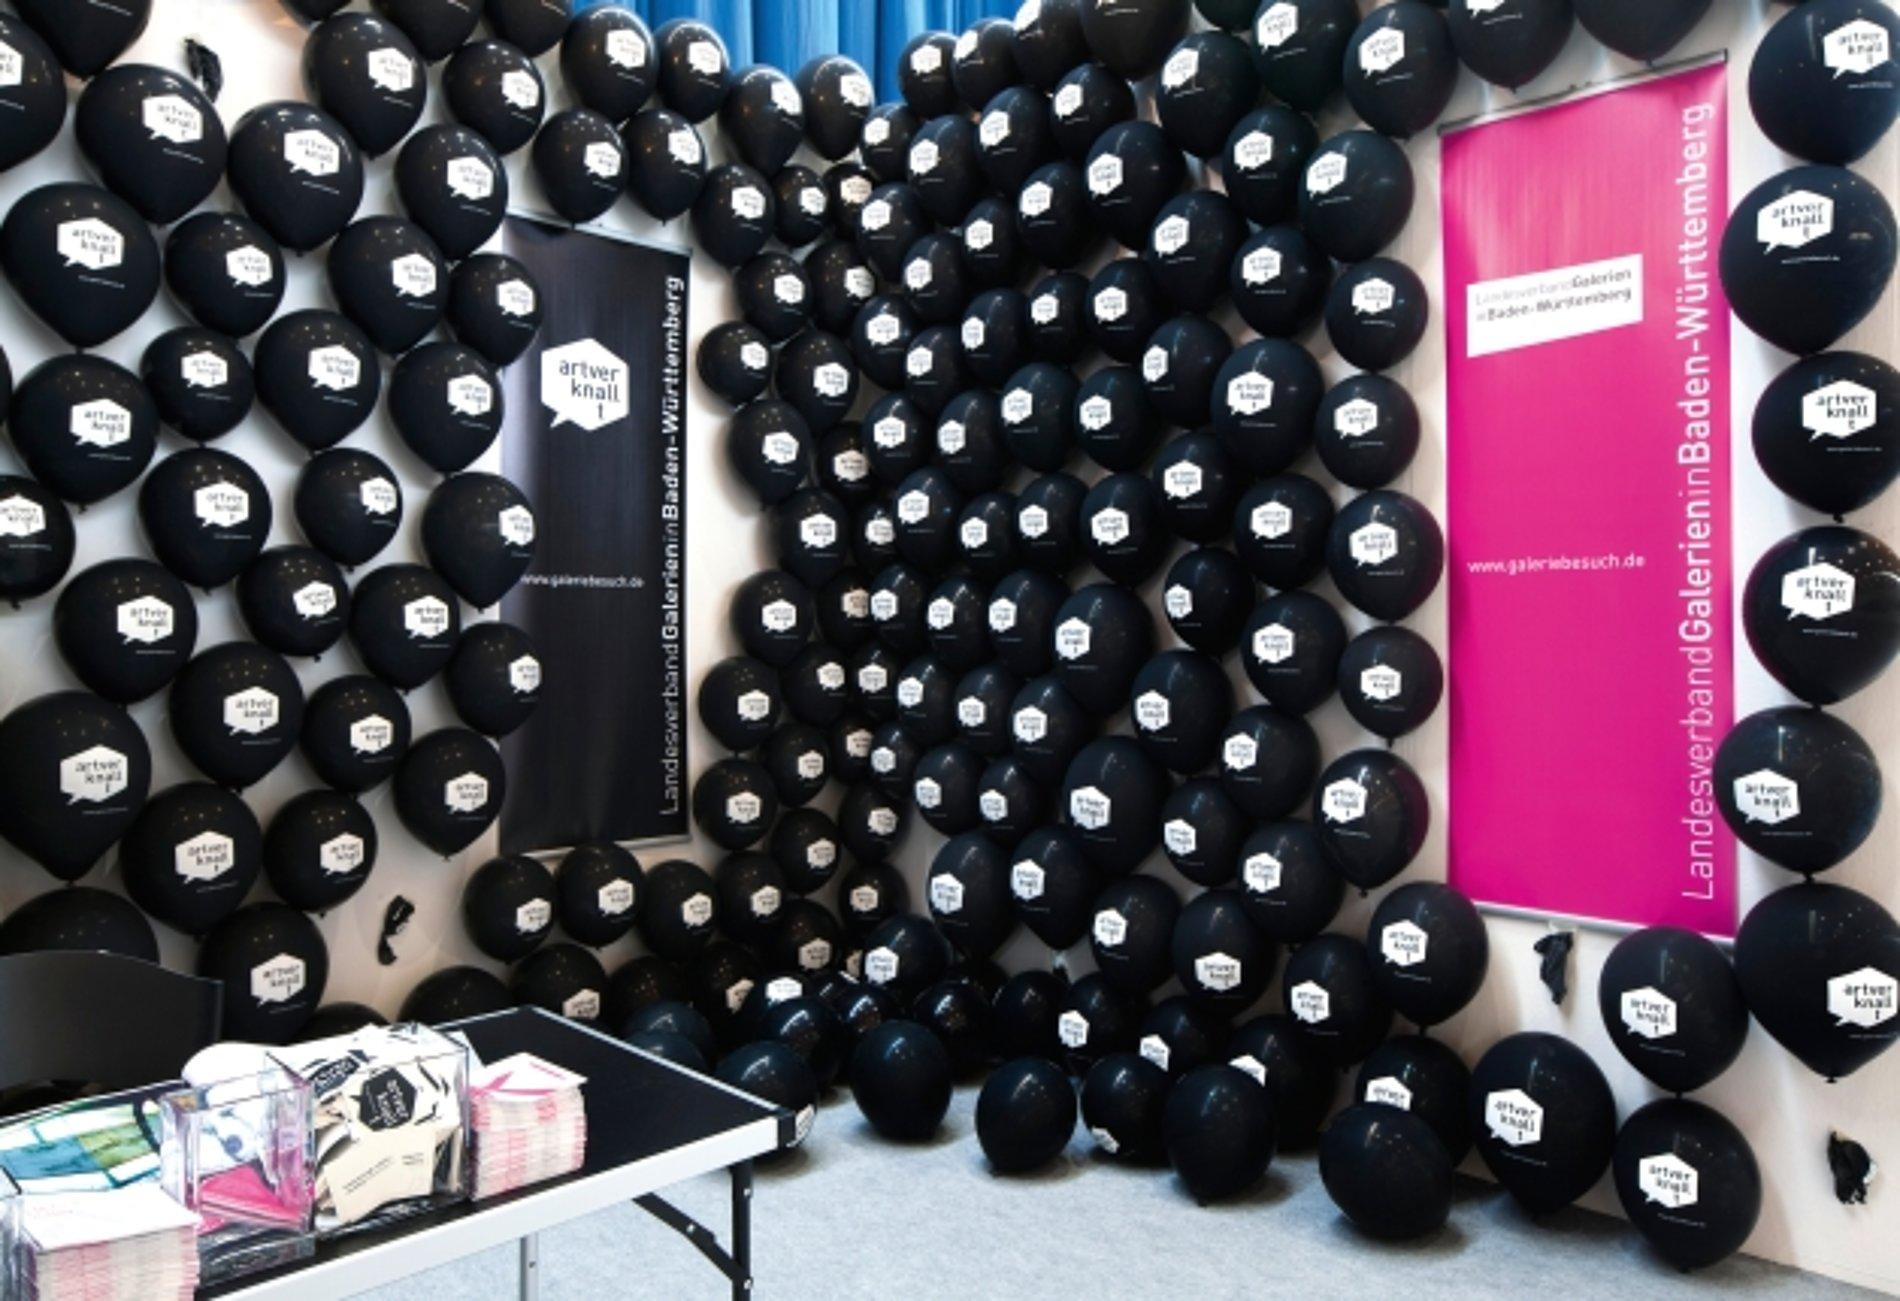 artverknallt | Red Dot Design Award